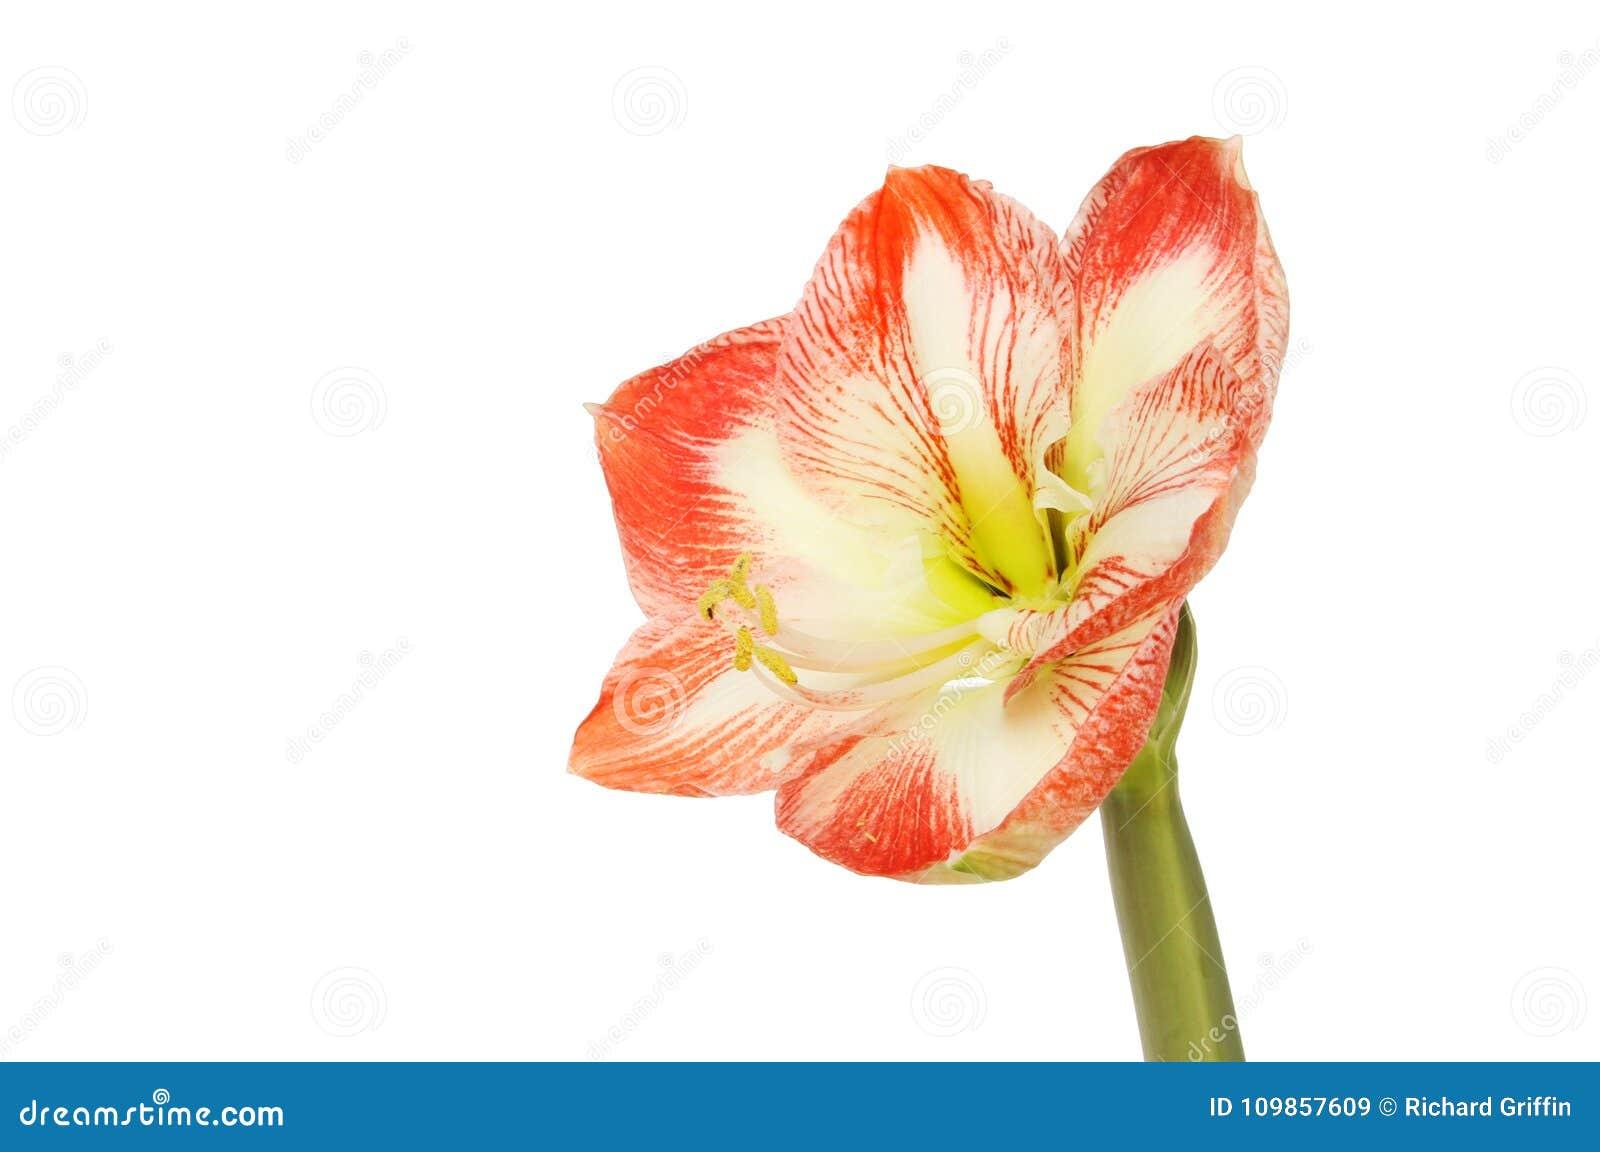 Amaryllis flower isolated